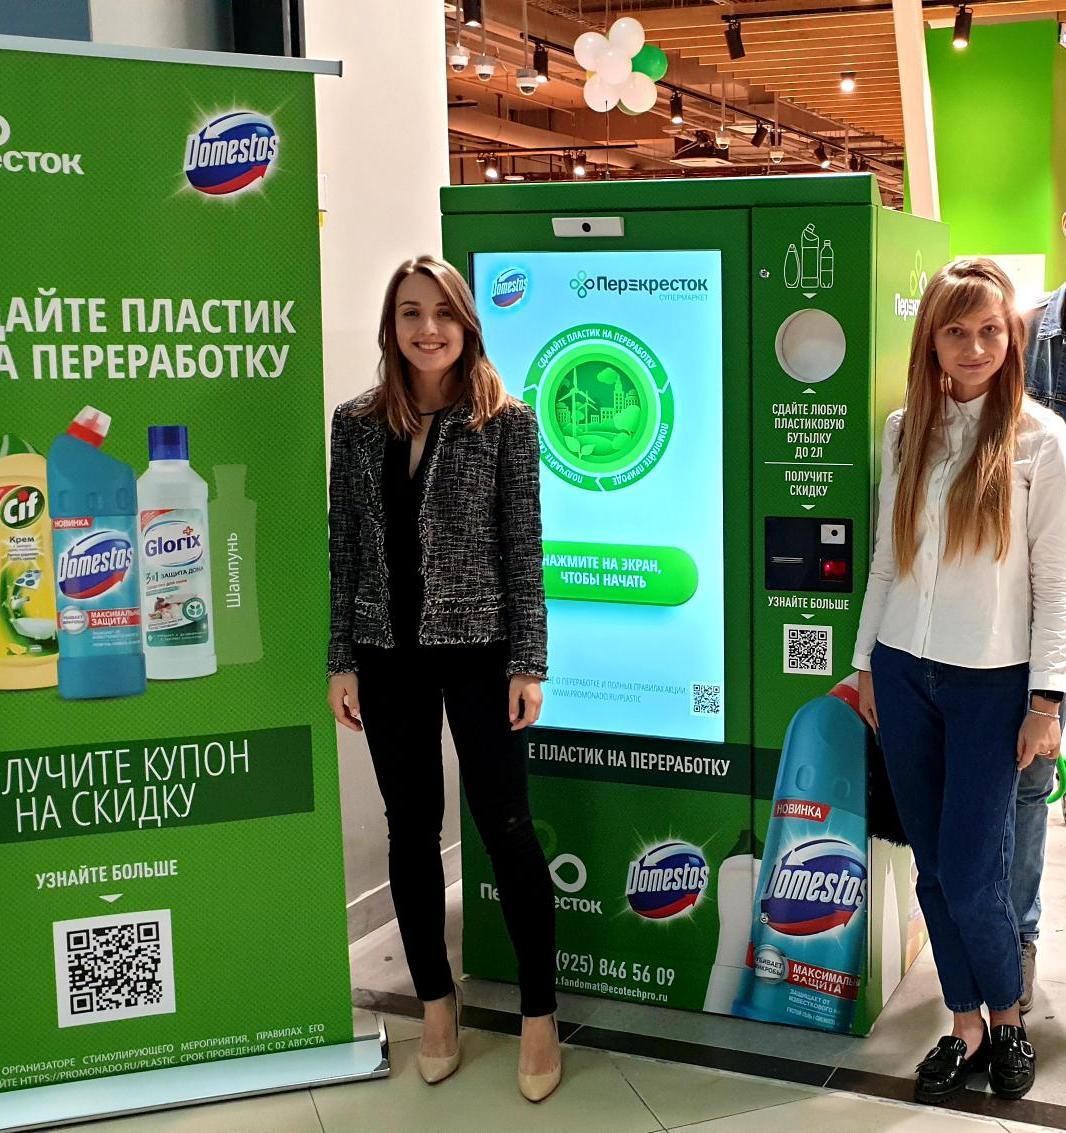 Фандоматы Domestos начали принимать пластиковую упаковку на переработку